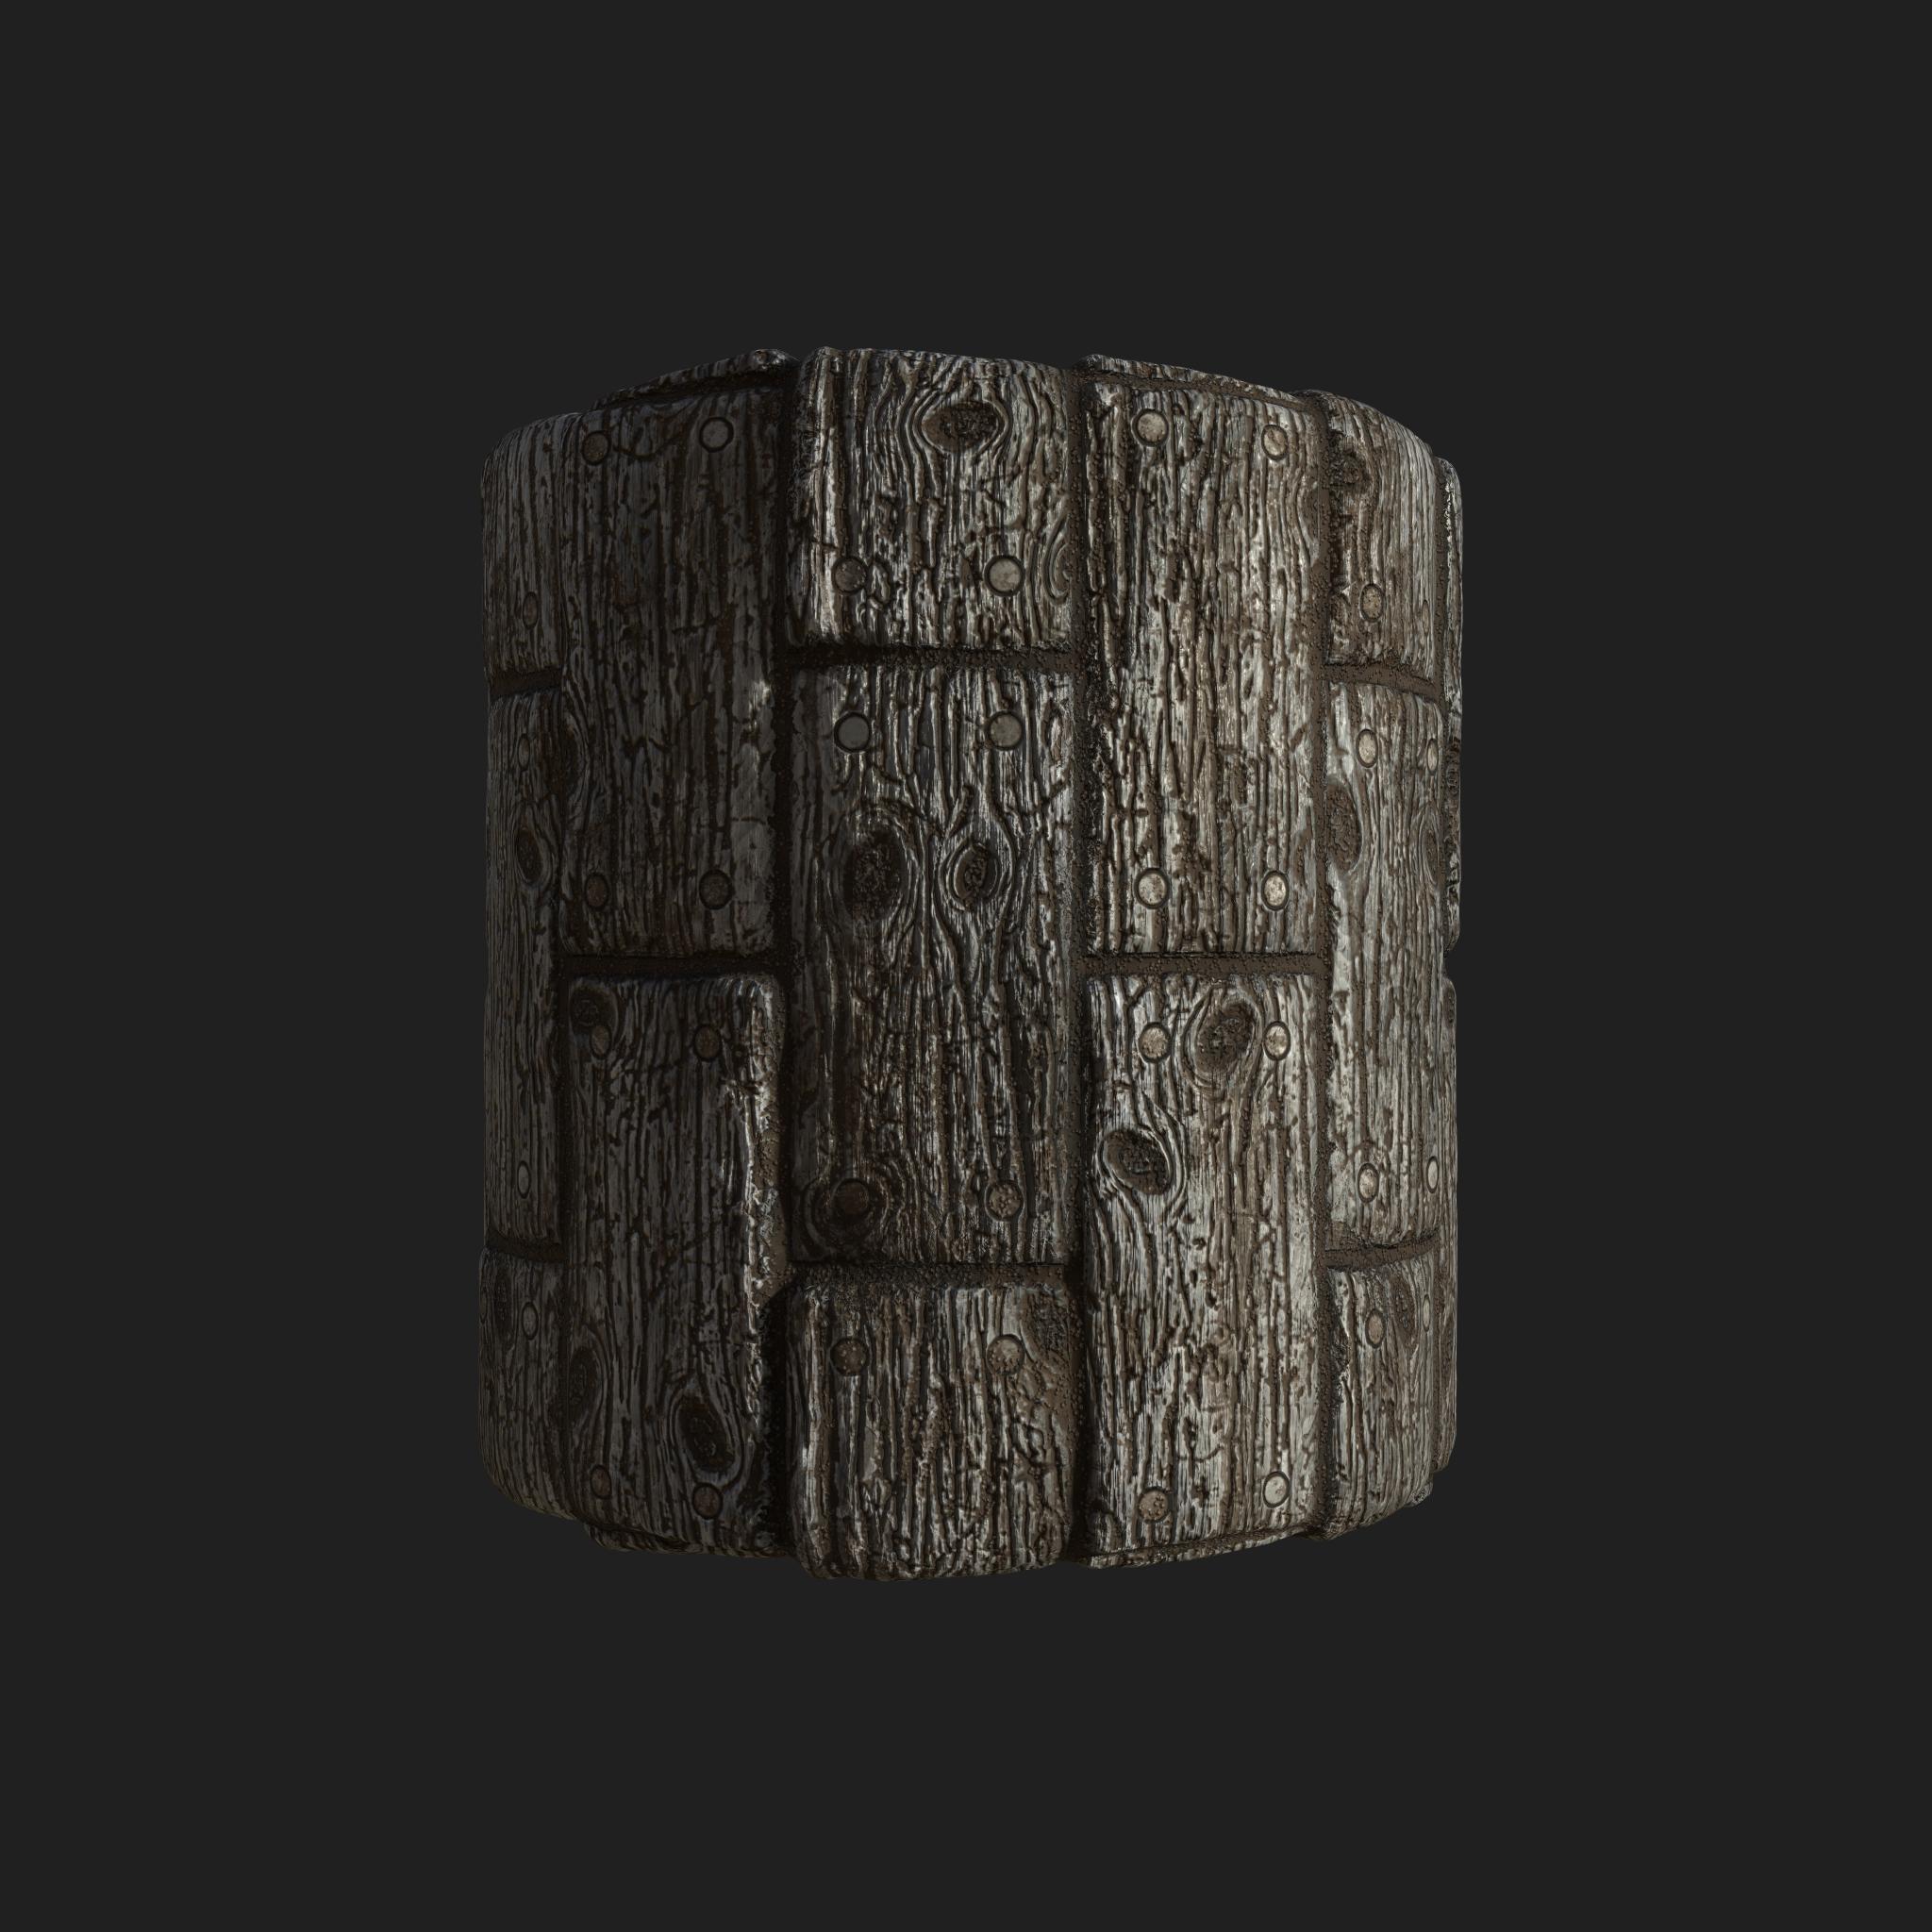 regular_aged_wood_render_v3.png